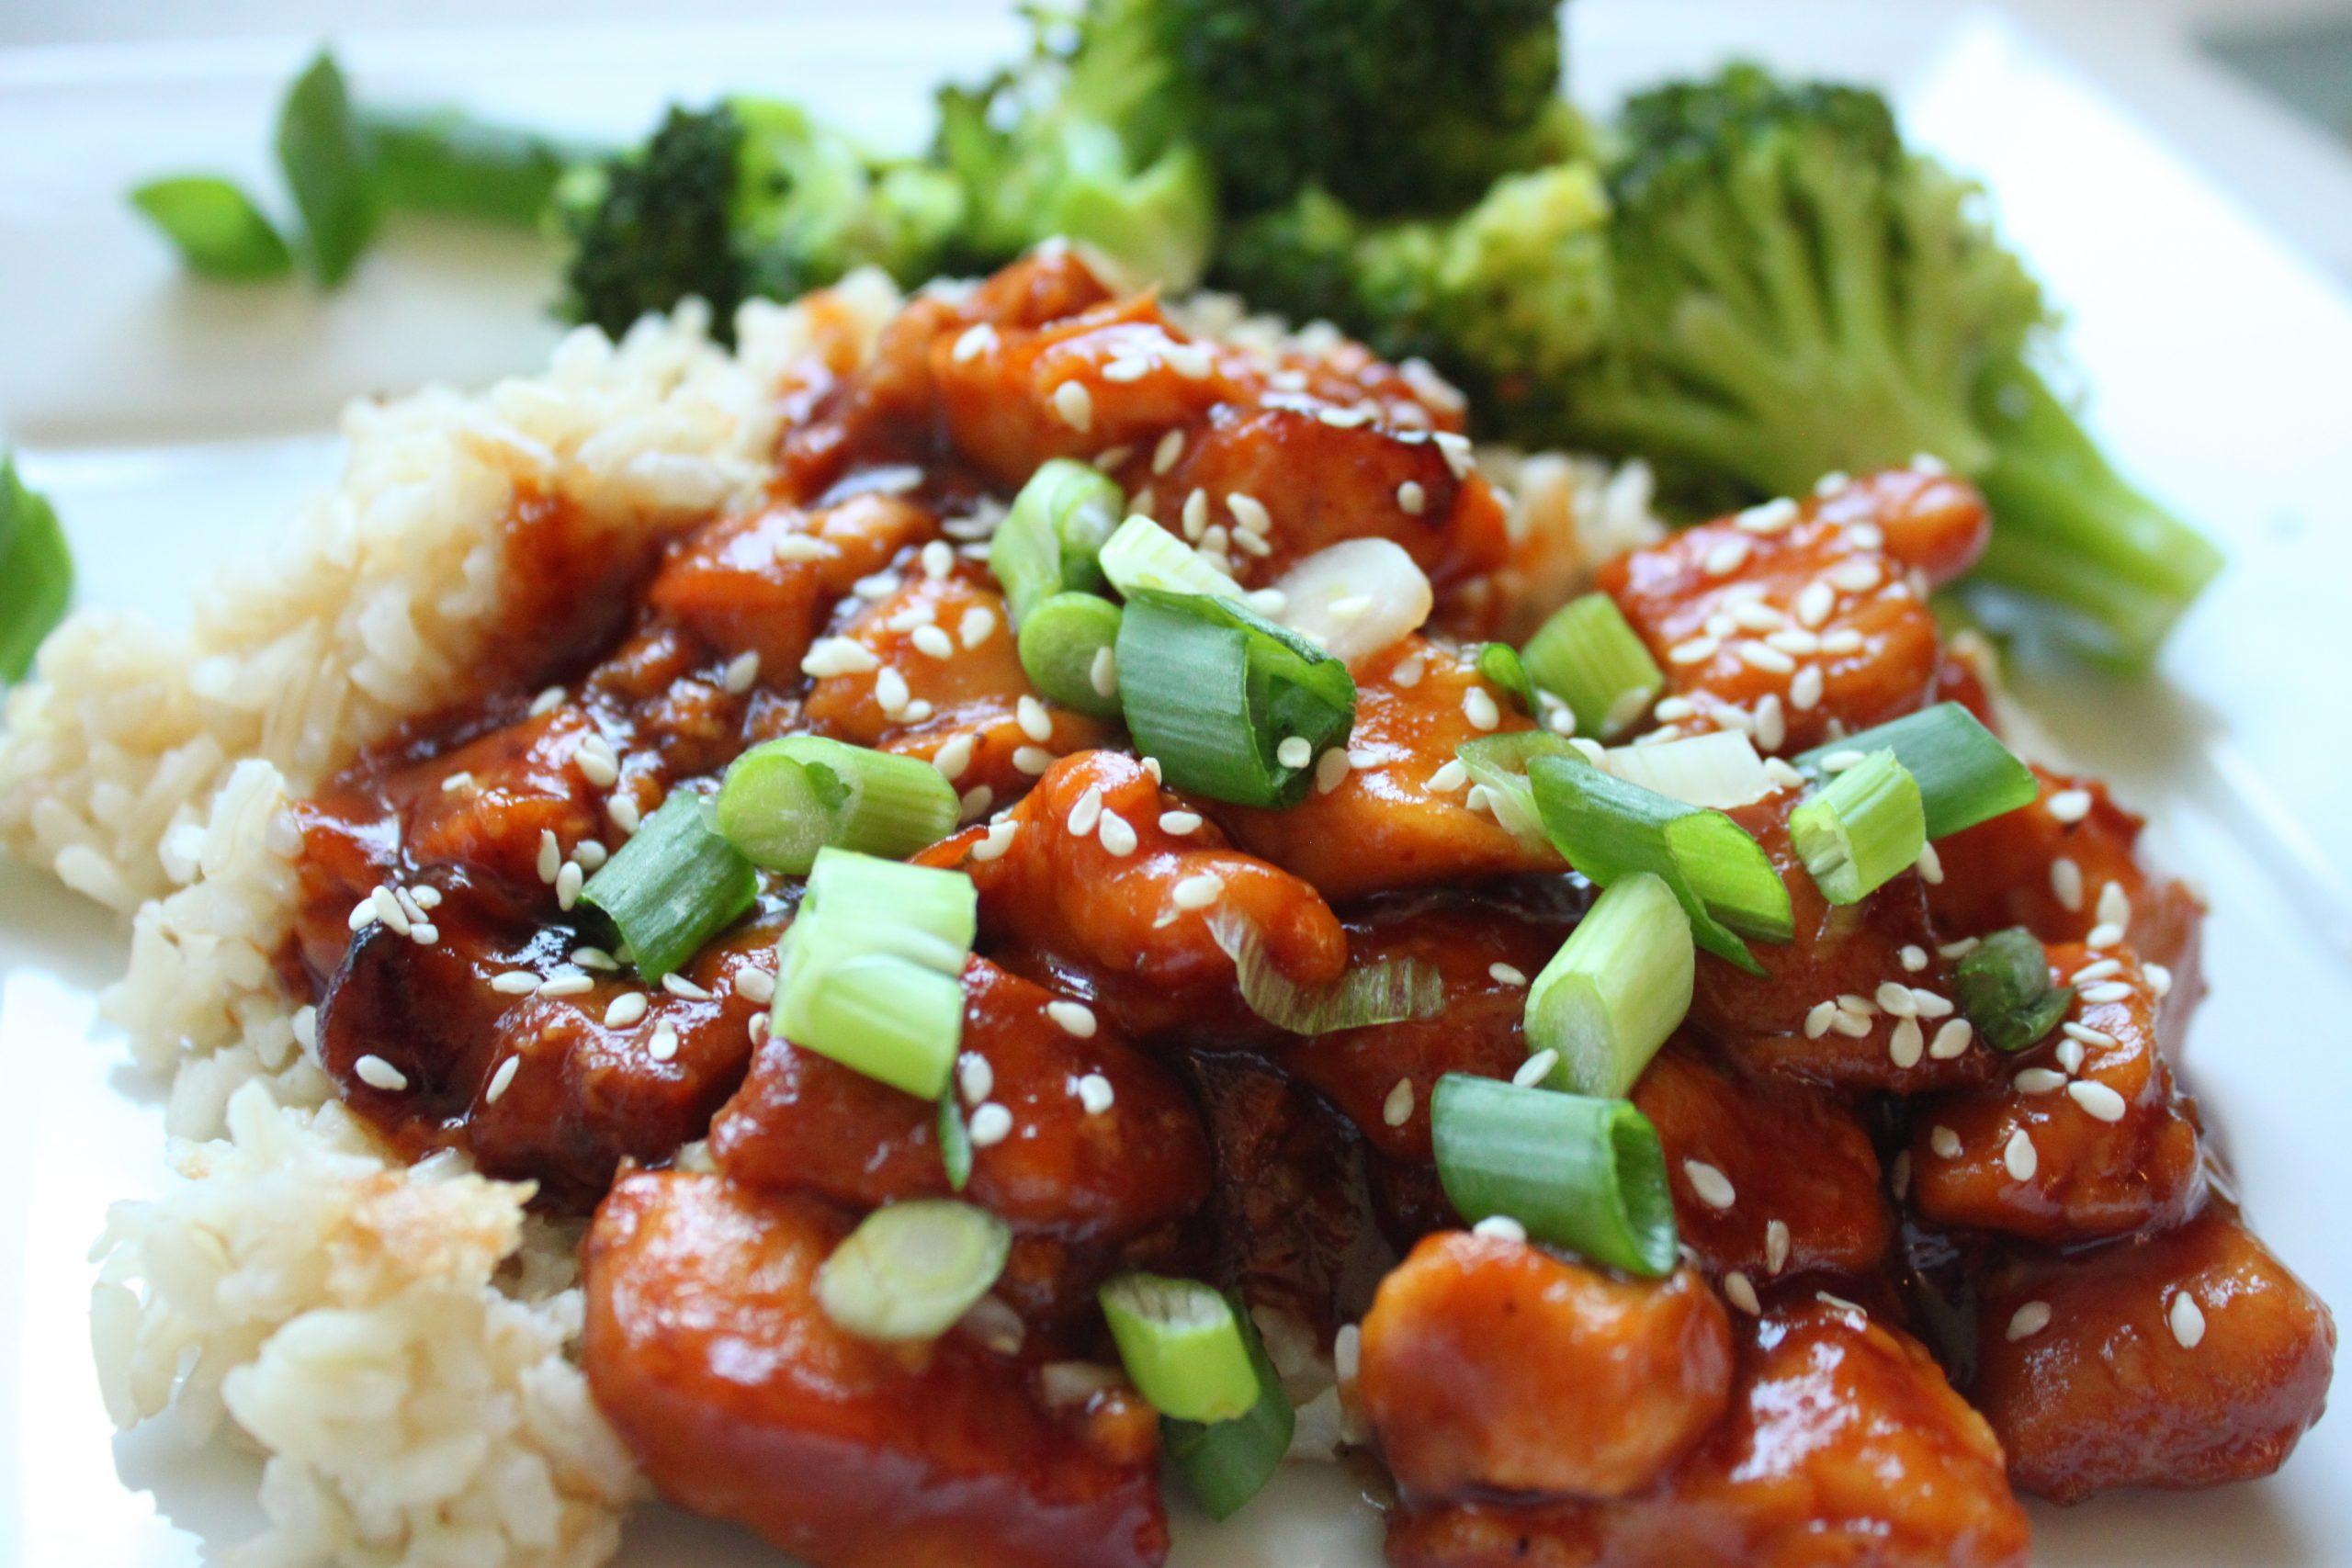 5 Ingredient Crockpot Orange Chicken with Broccoli